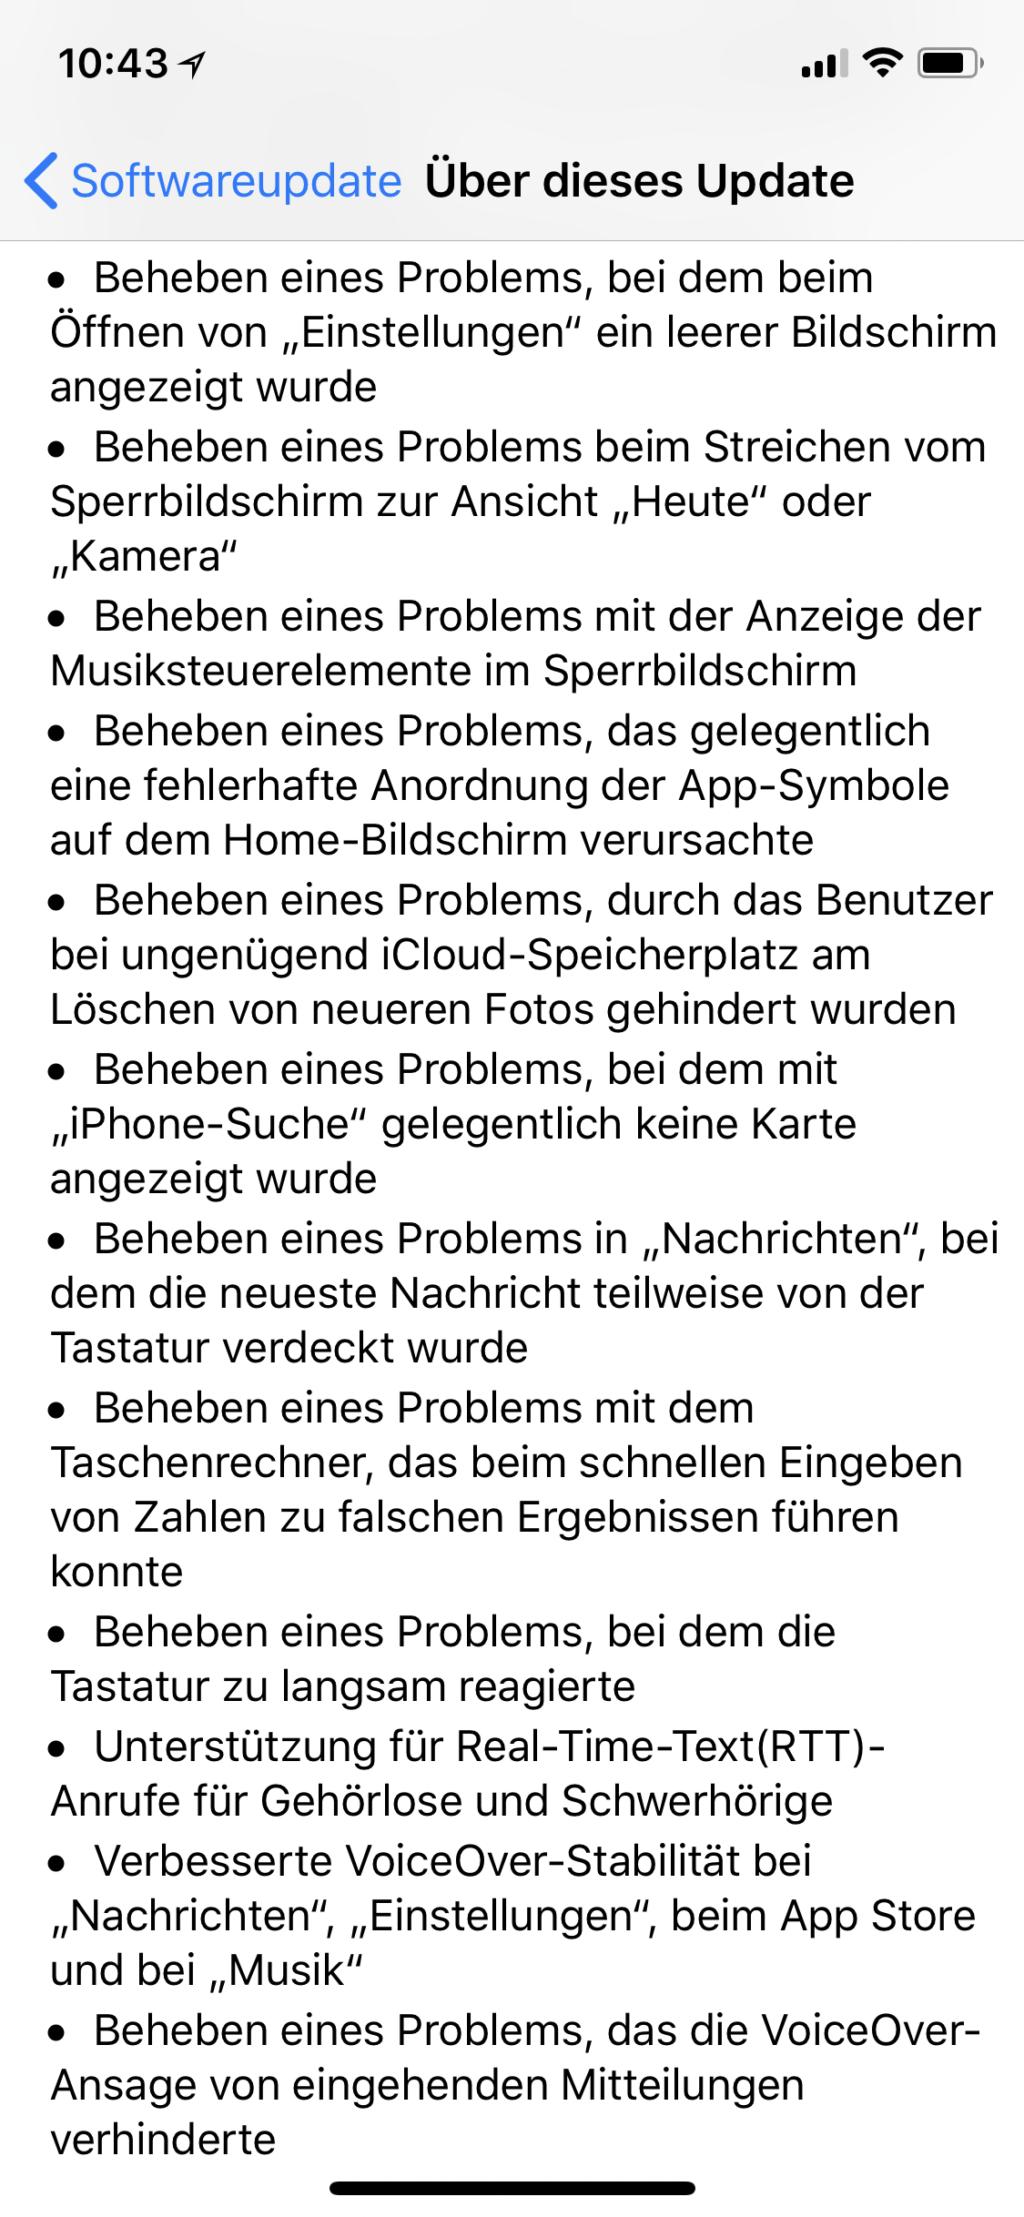 Update auf iOS 11.2 mit vielen Verbesserungen